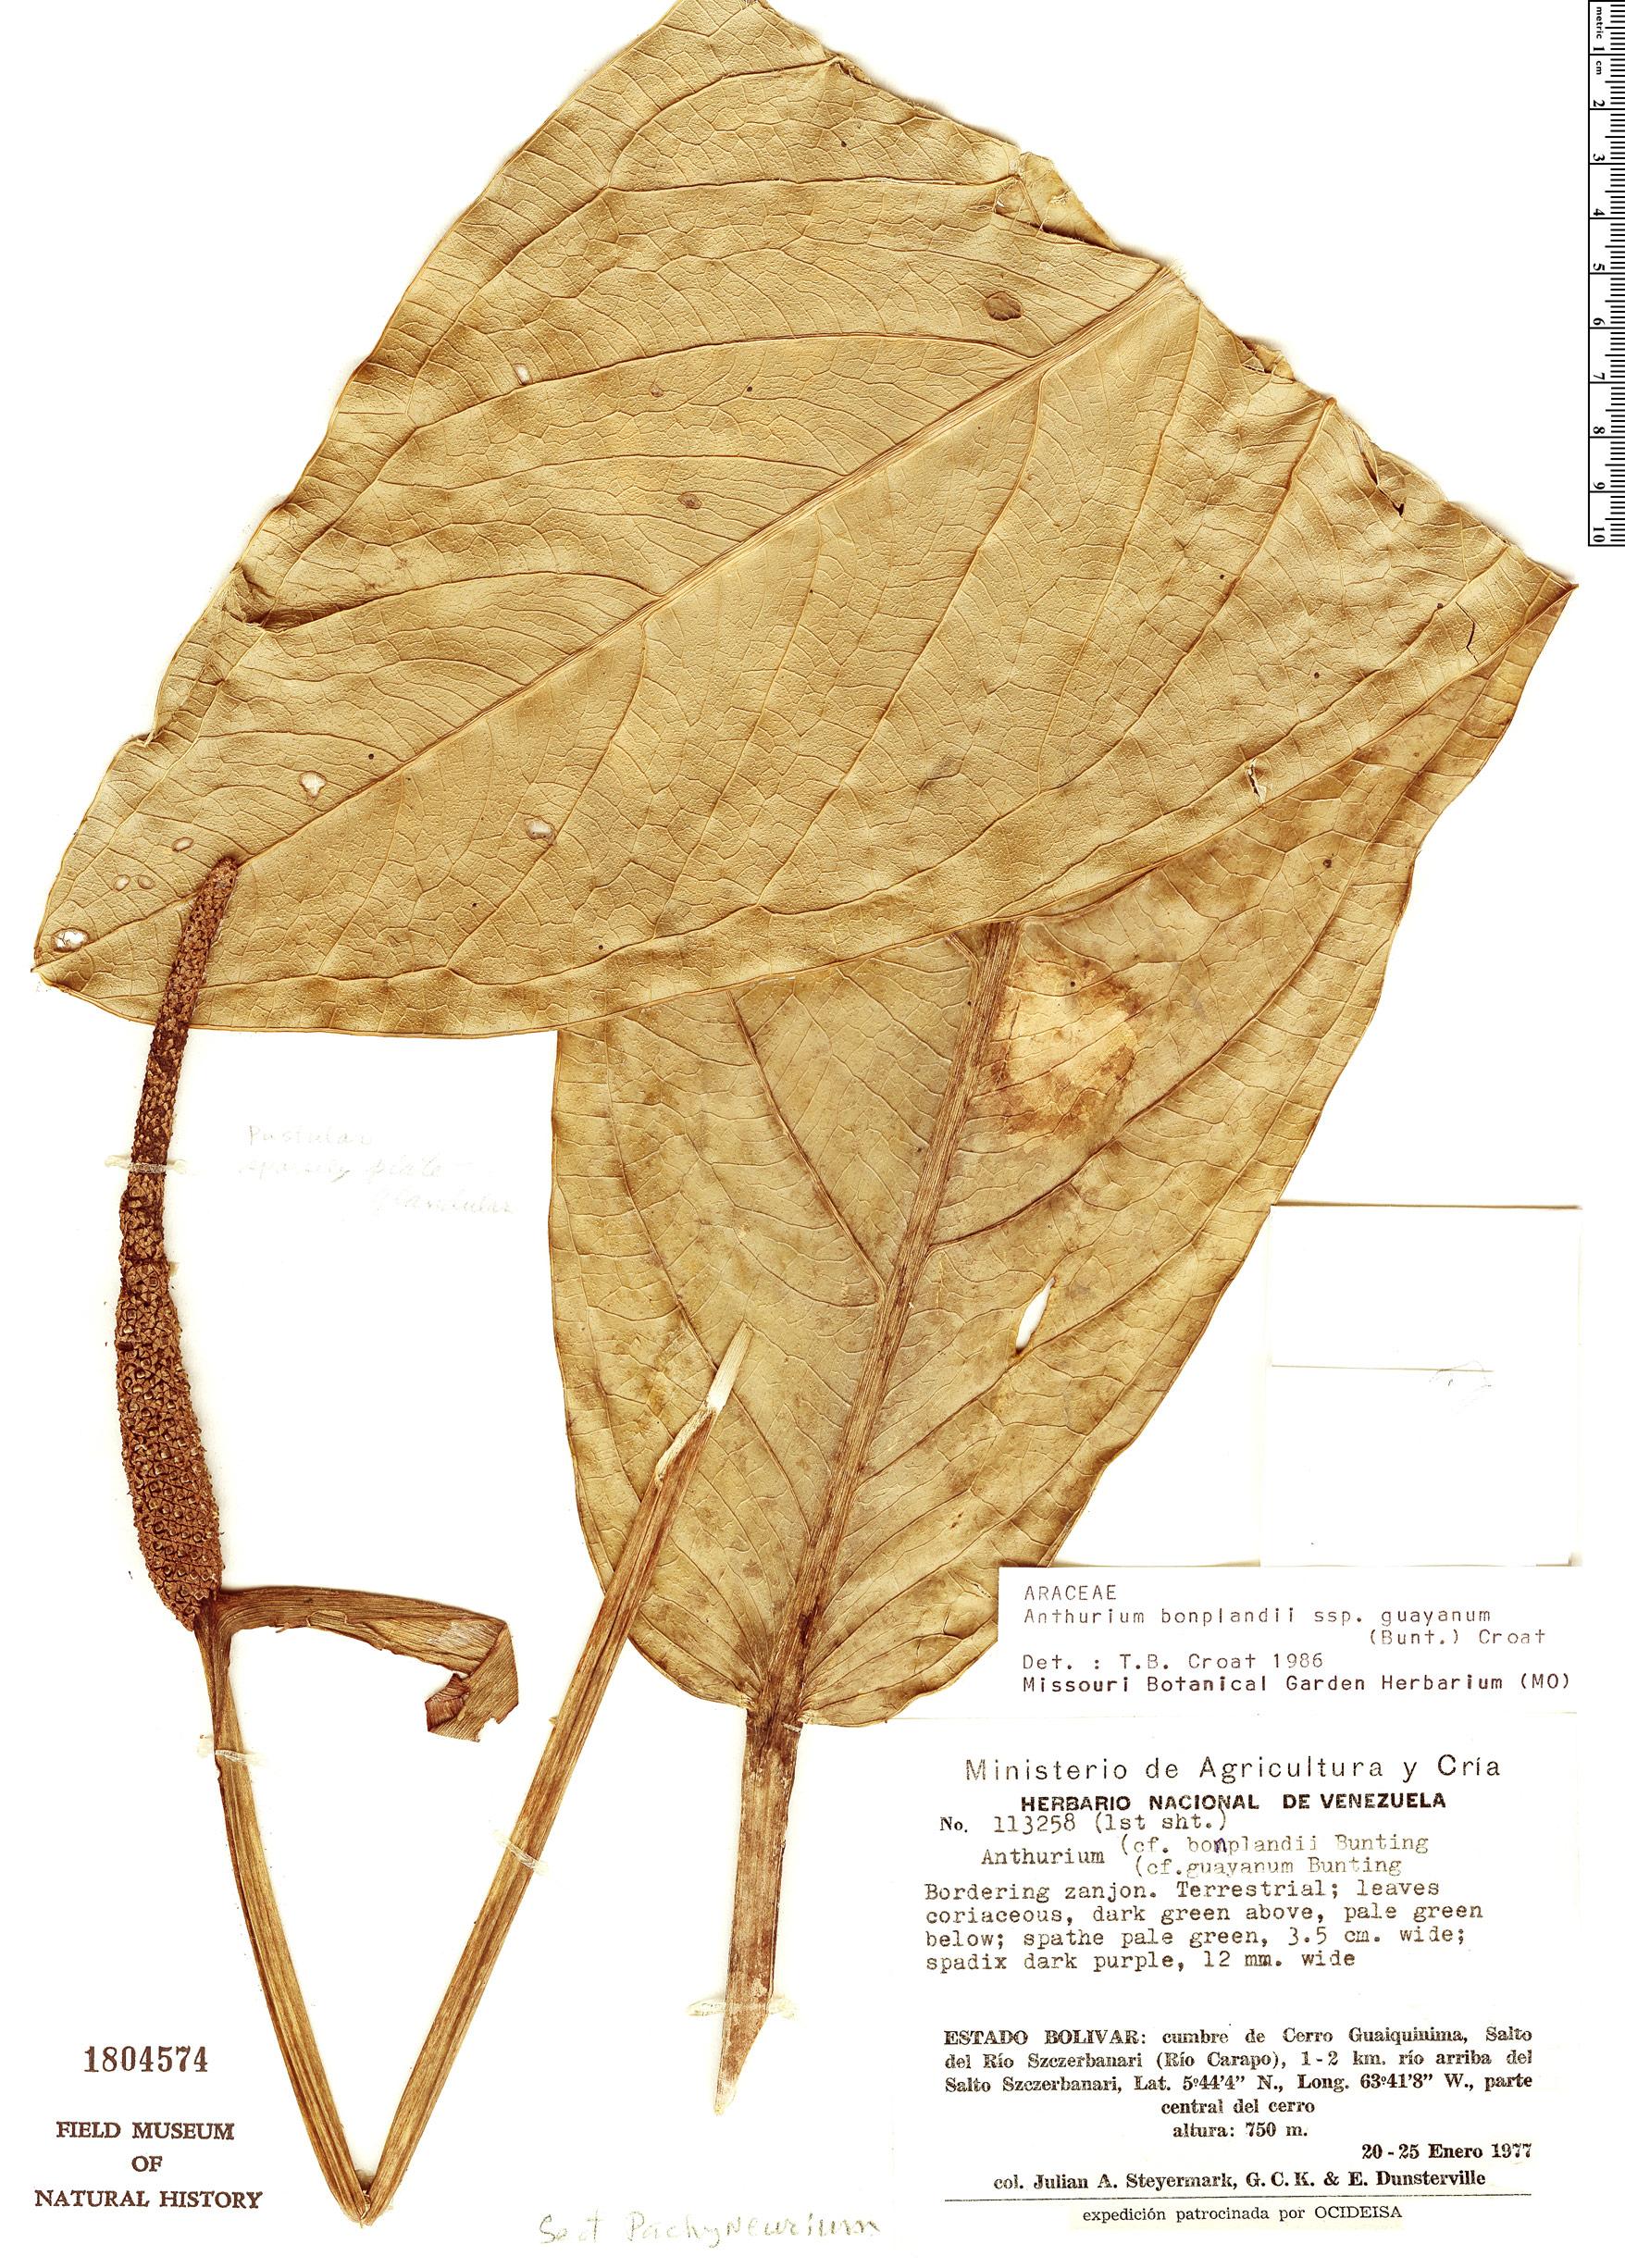 Specimen: Anthurium bonplandii